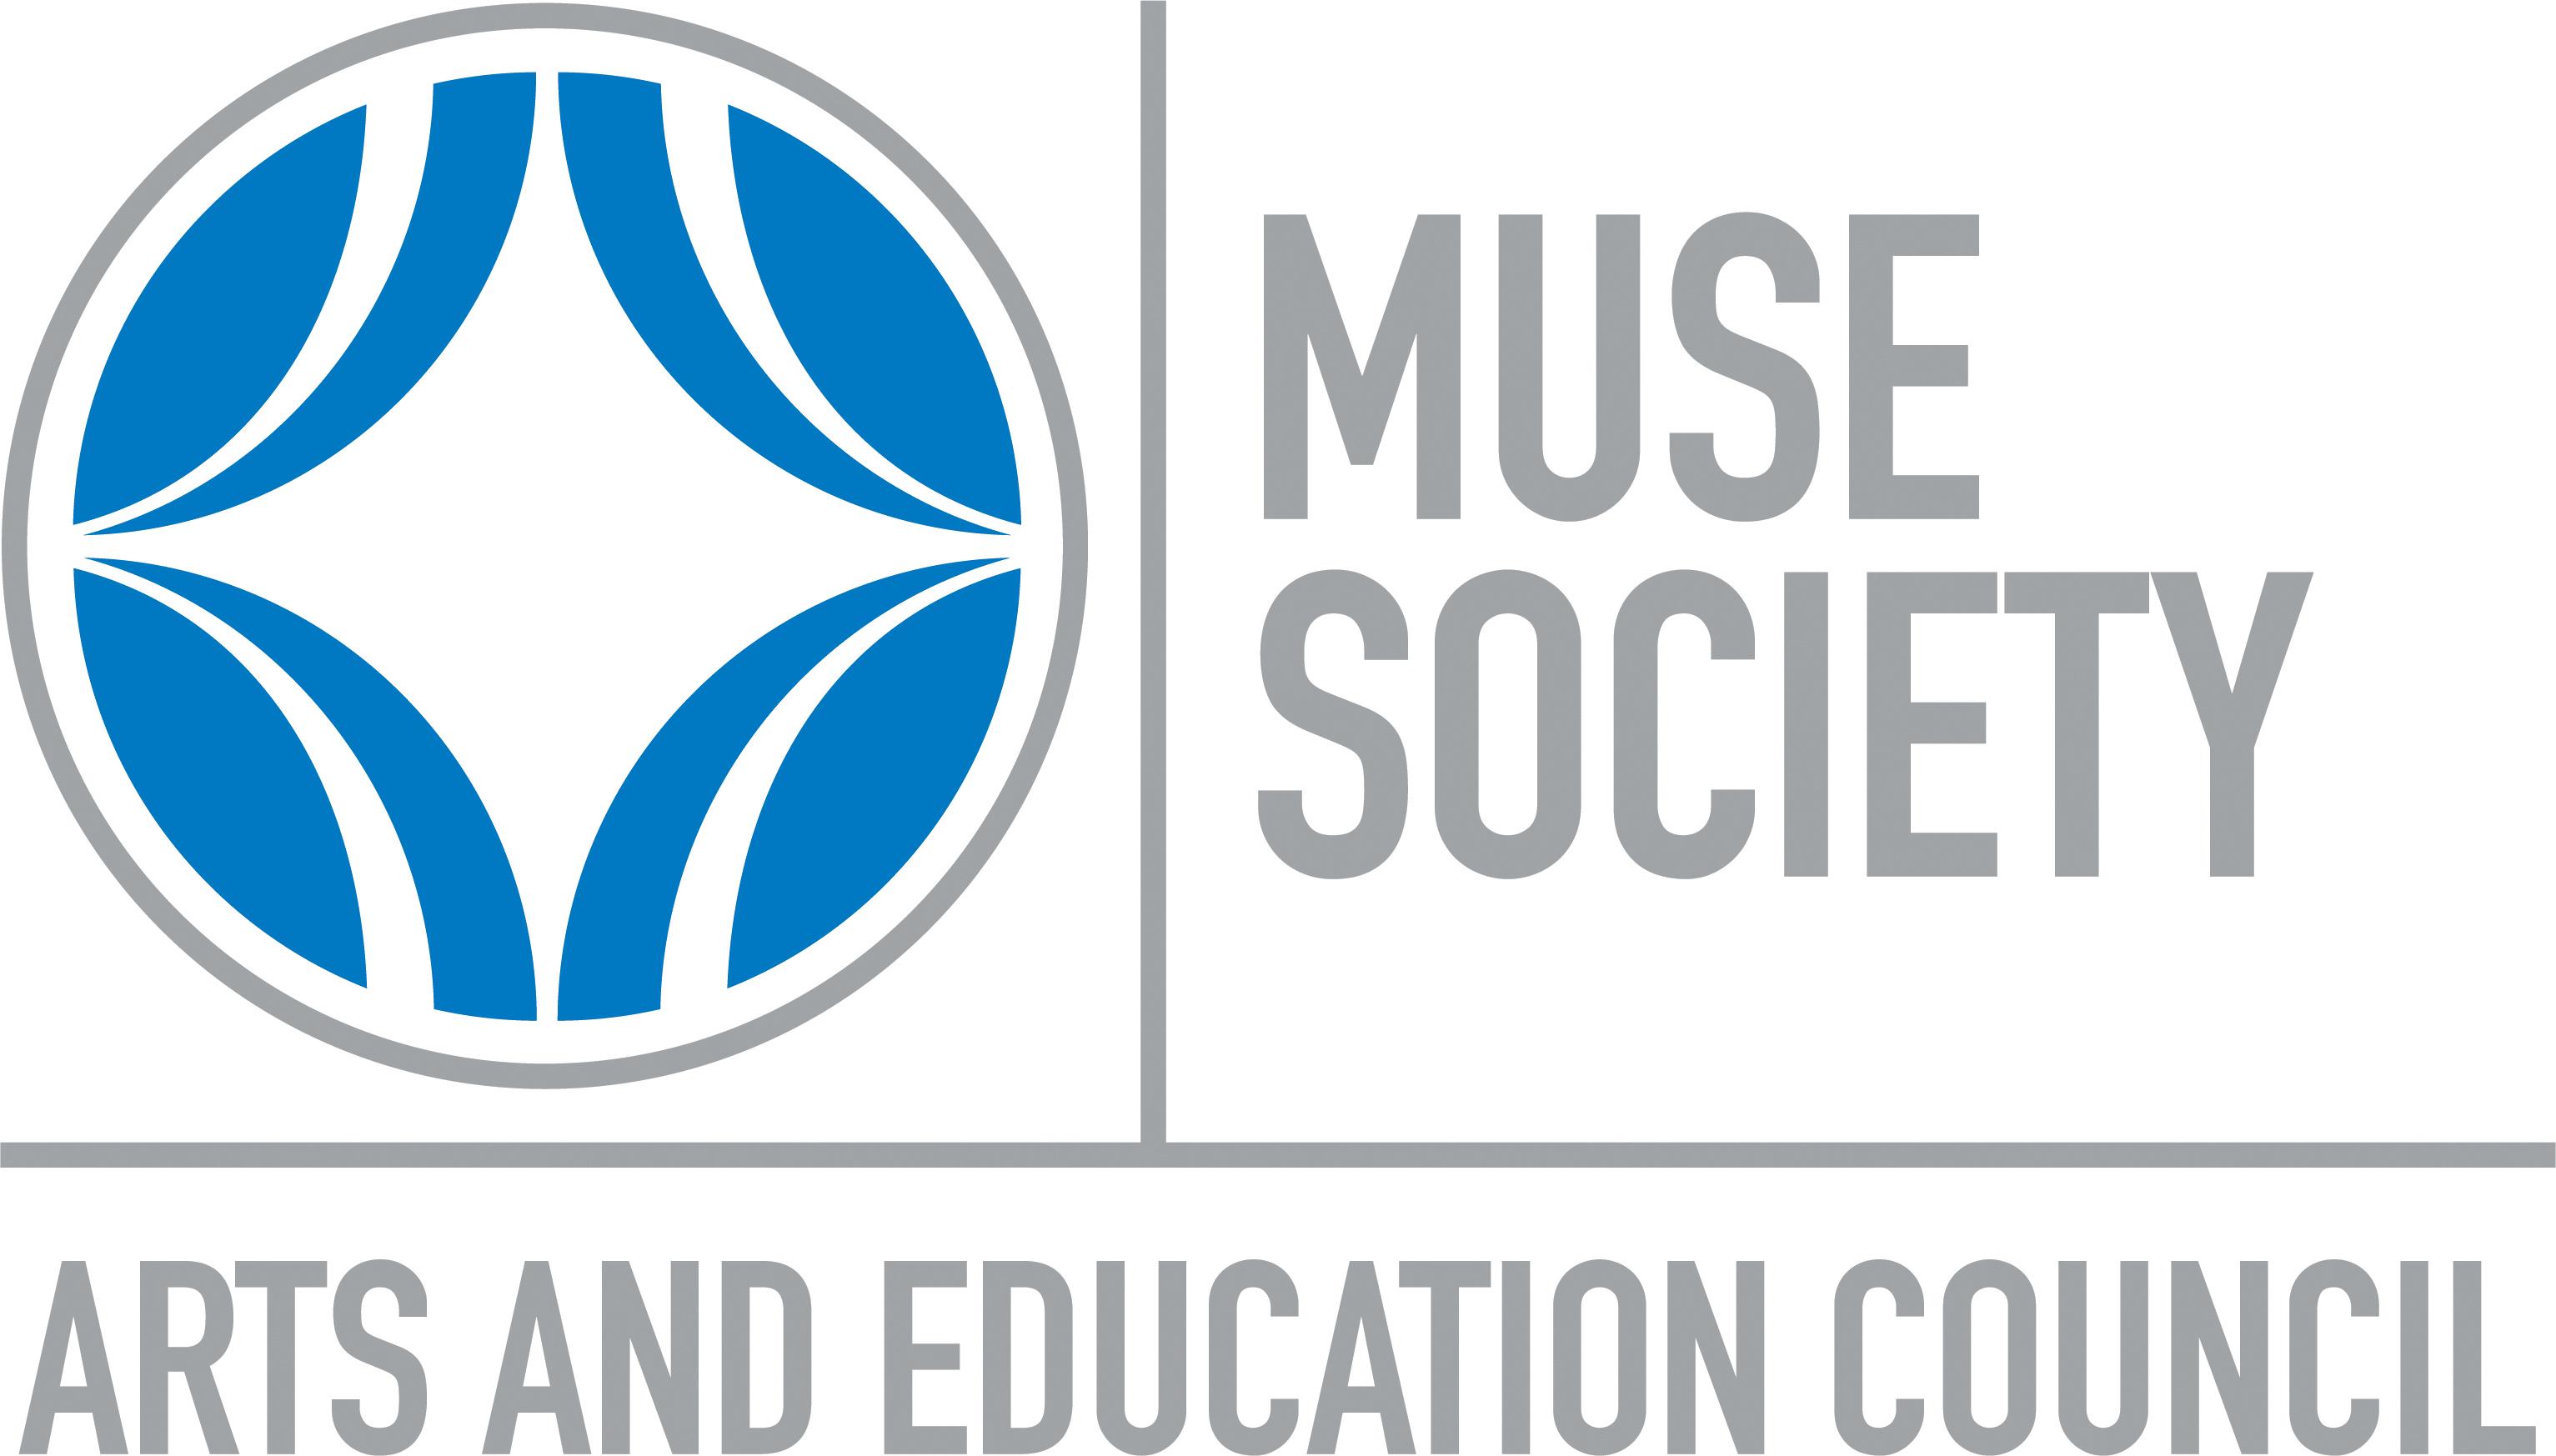 Muse Society